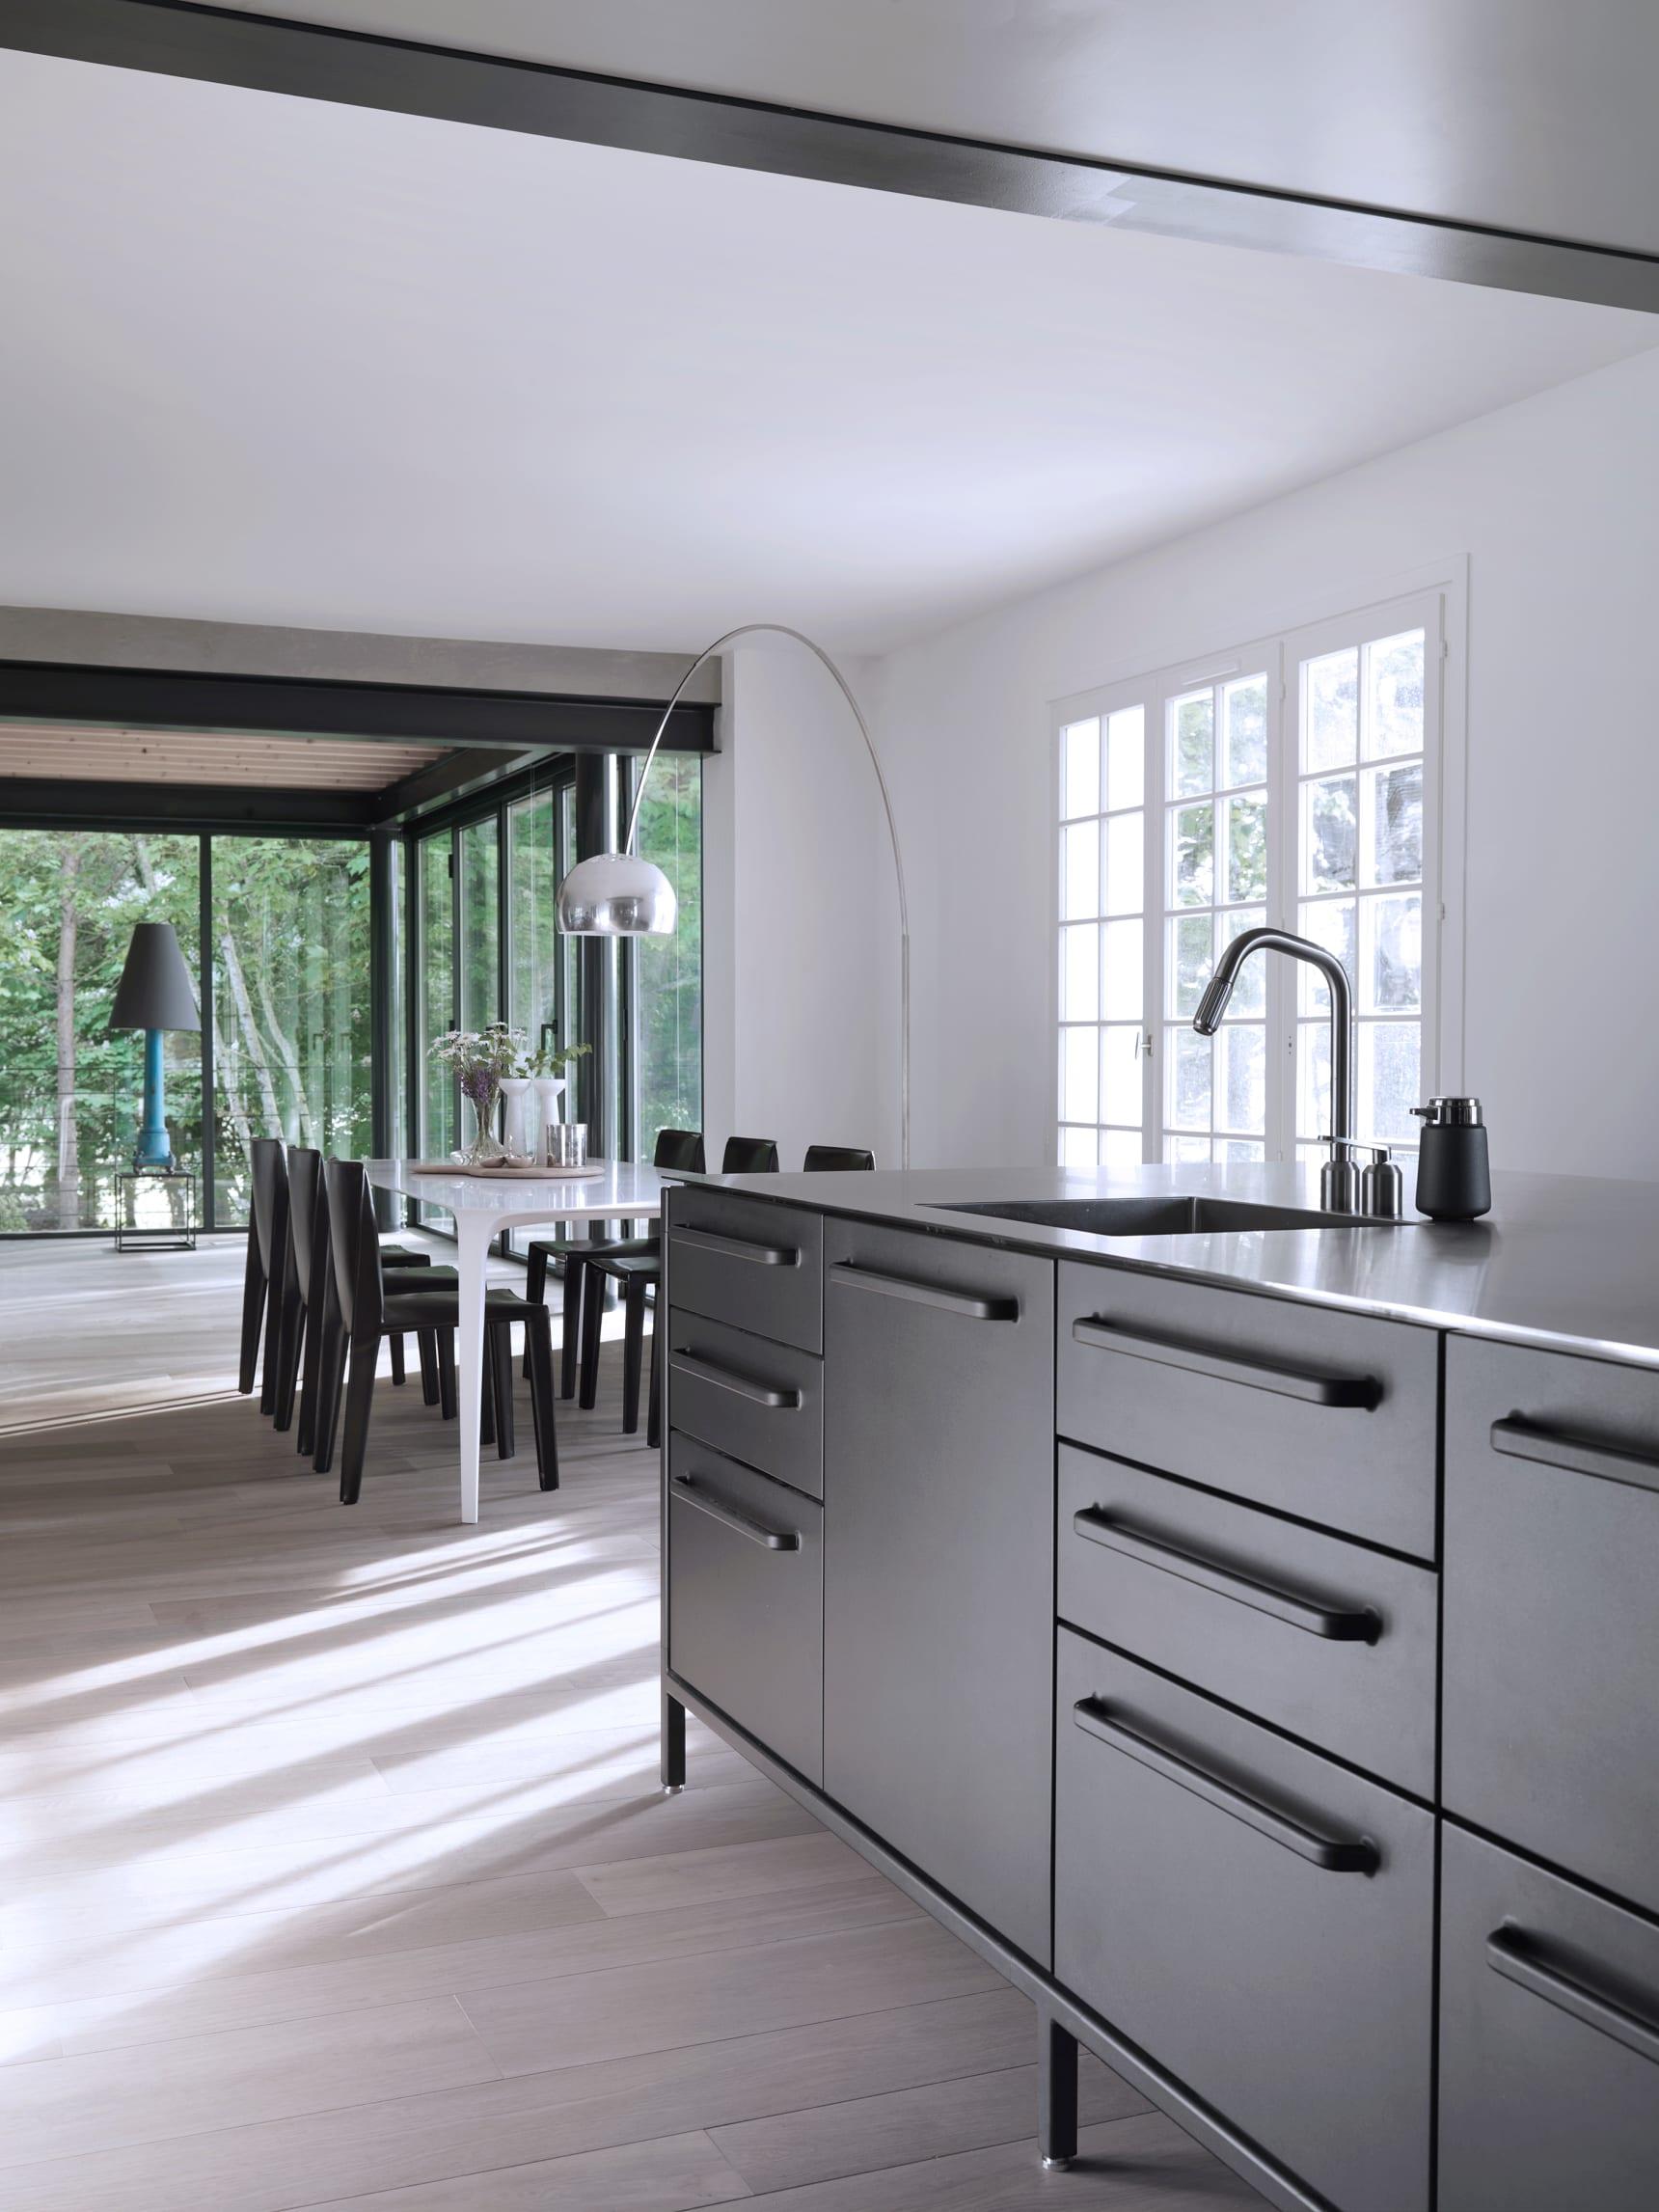 Küchen-Design Inspirationen: So könnte Deine nächste Küche aussehen 16